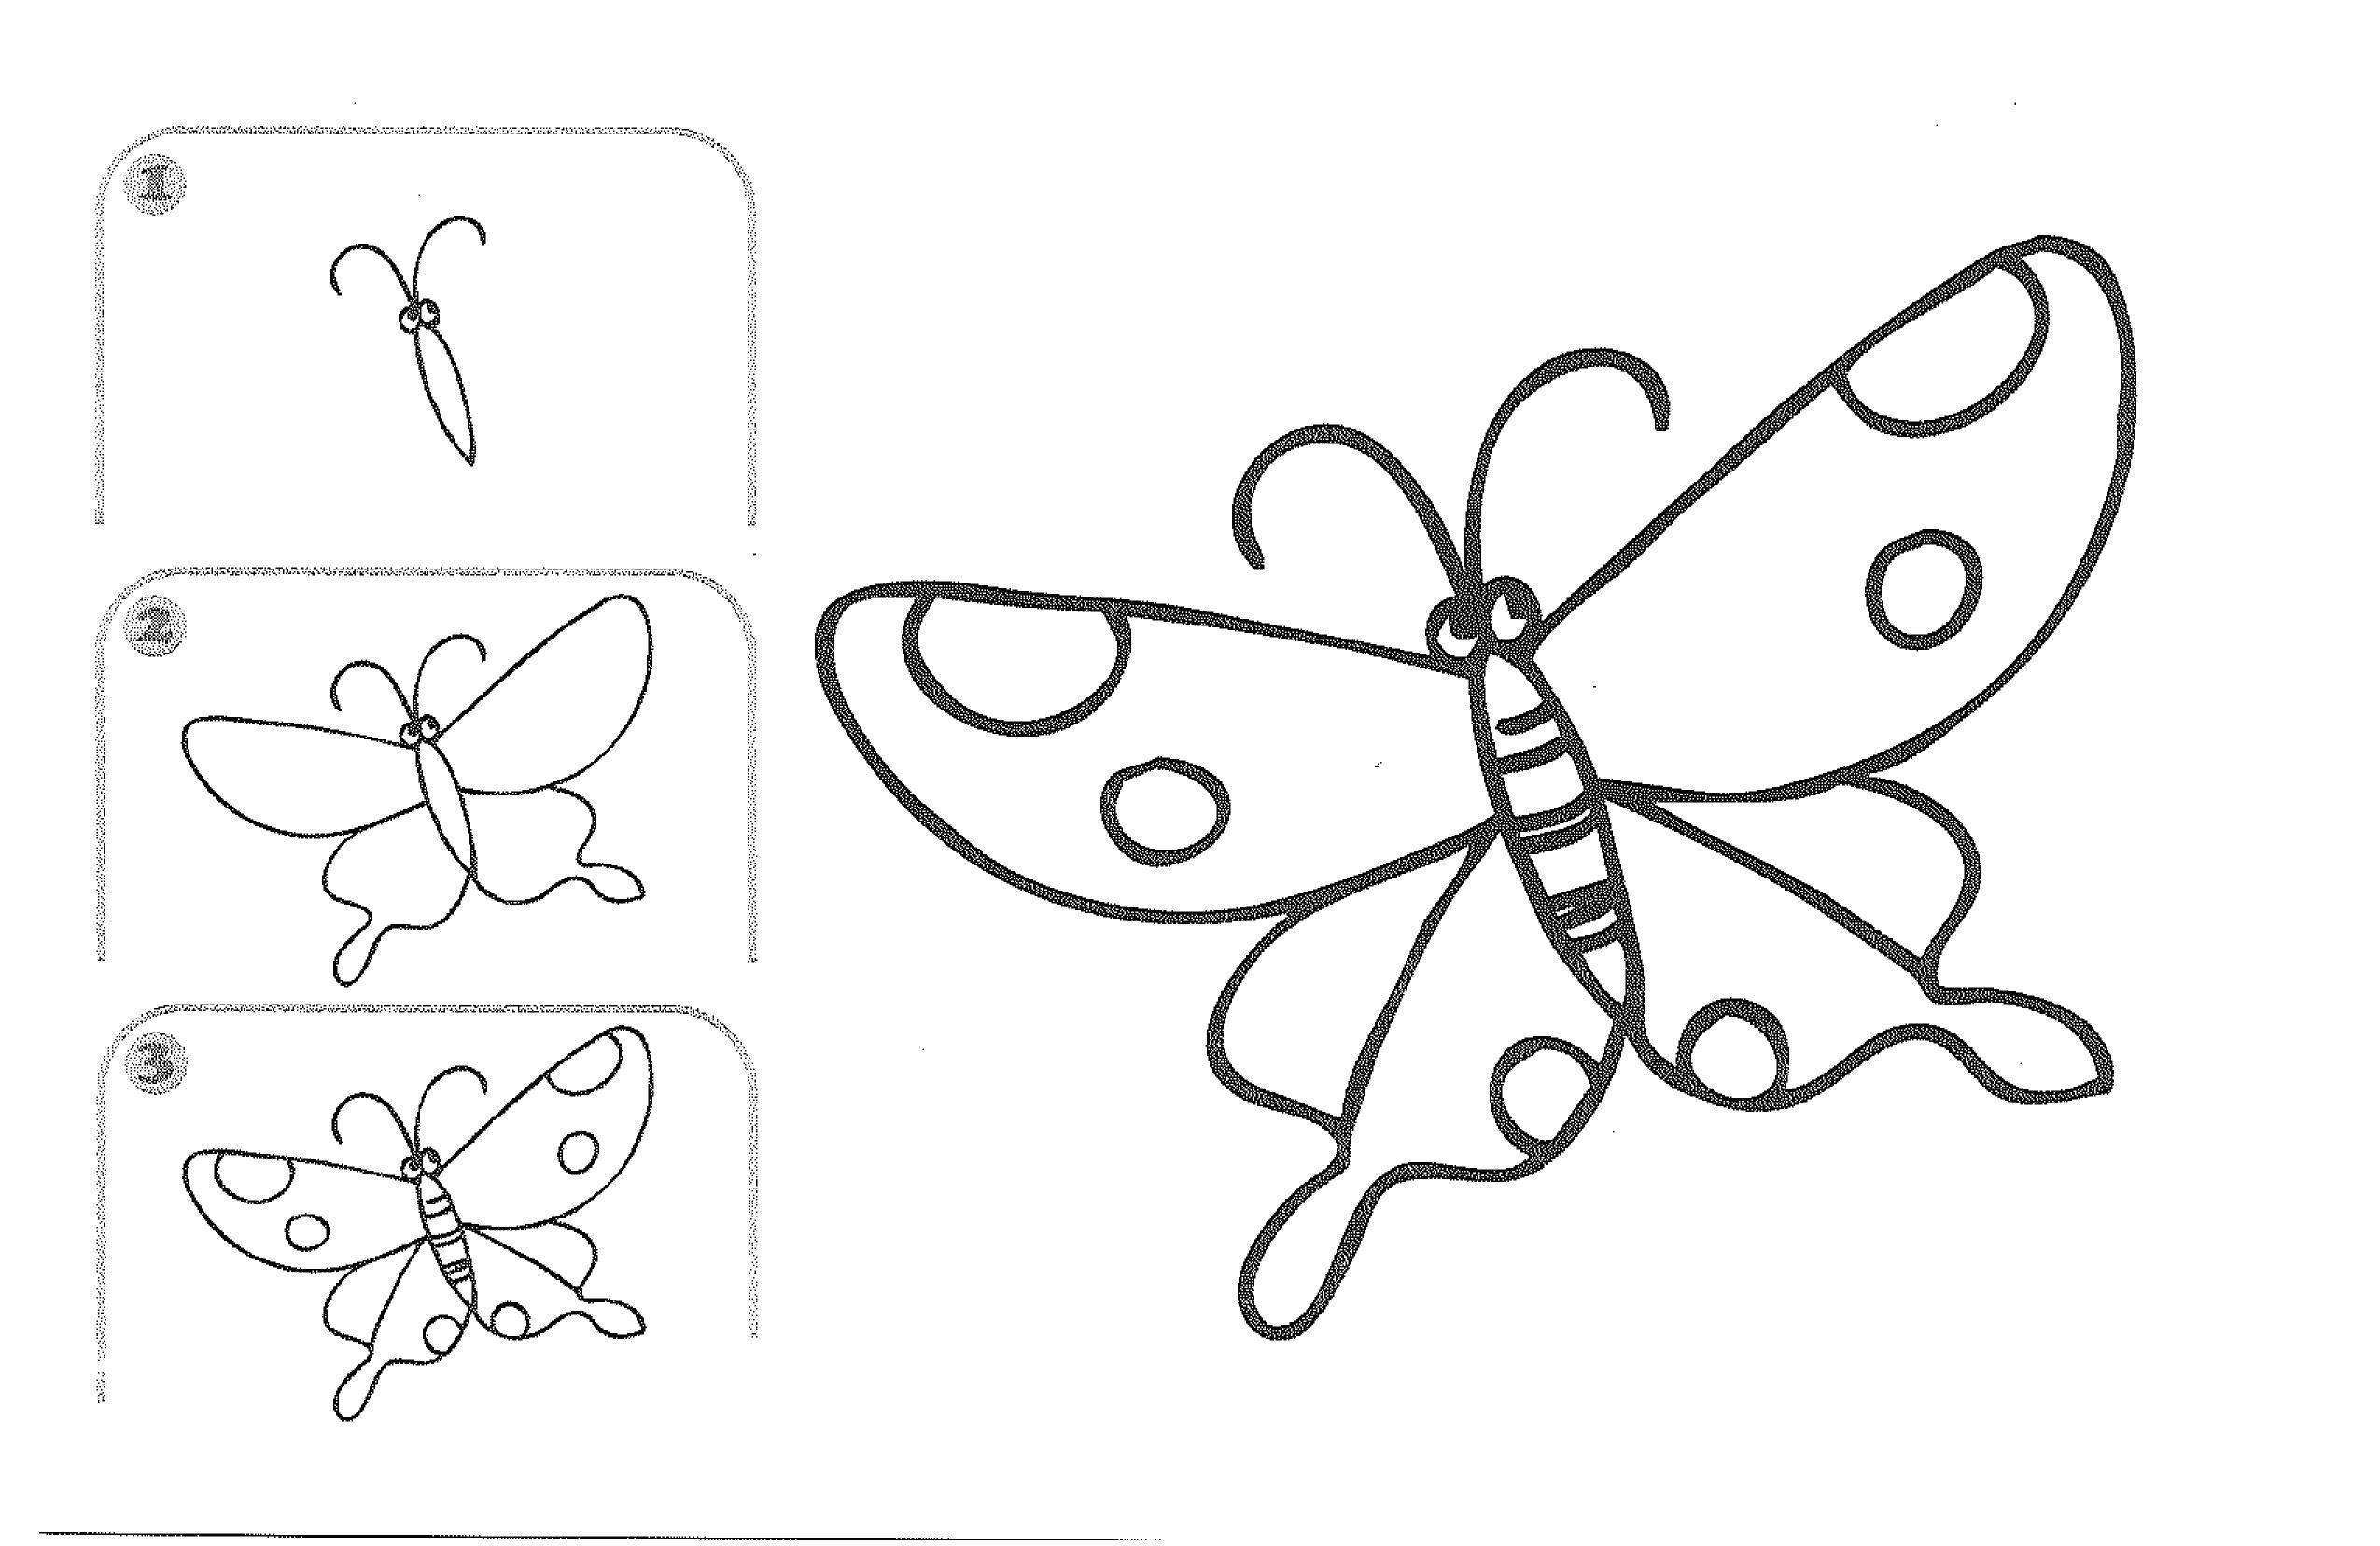 Drawings By Kids